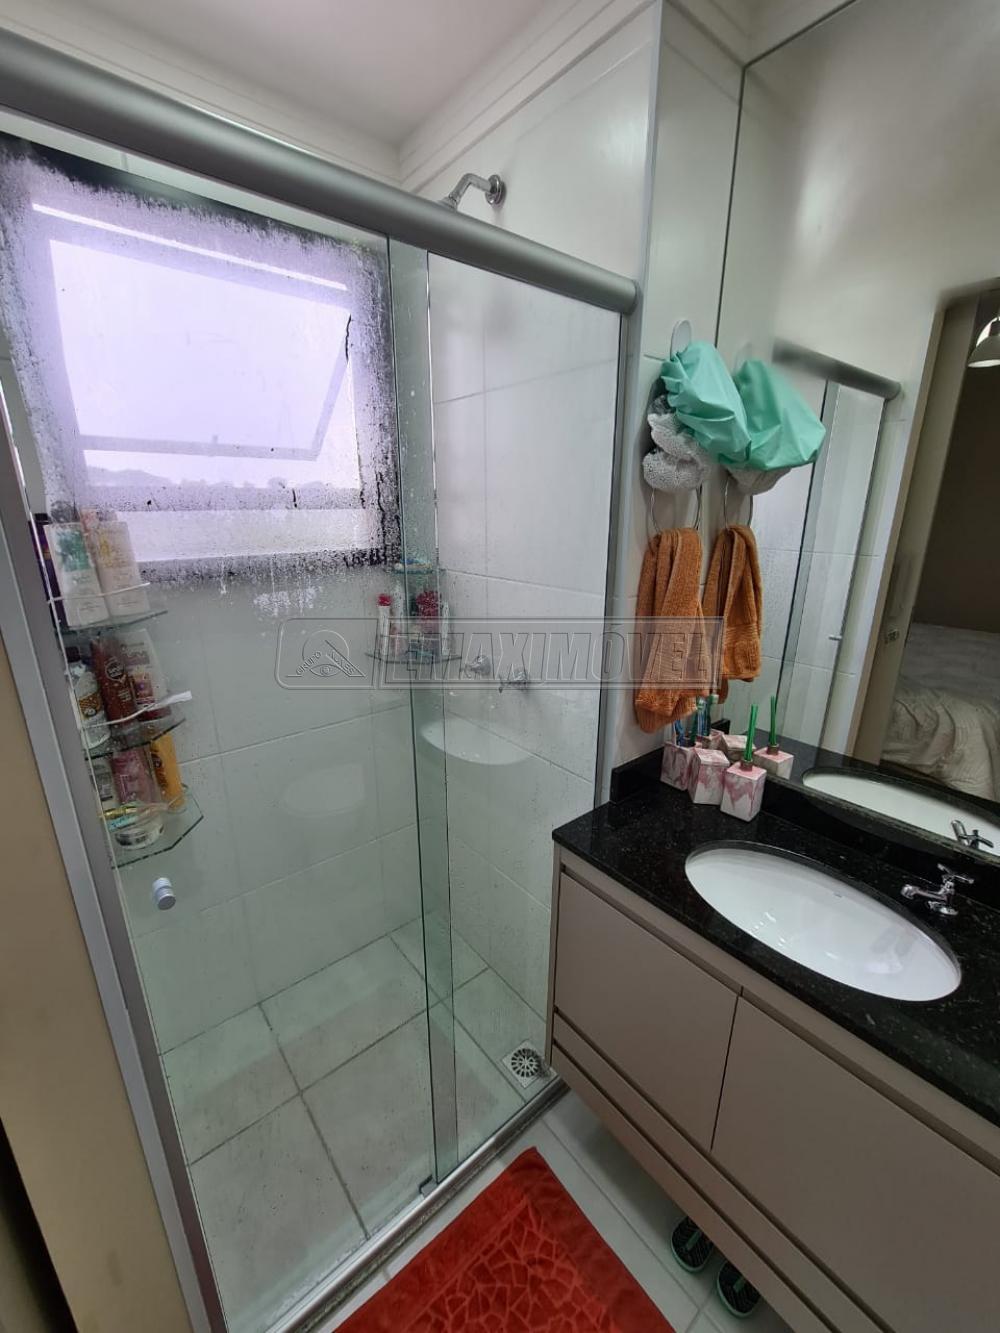 Comprar Apartamentos / Apto Padrão em Sorocaba R$ 350.000,00 - Foto 16